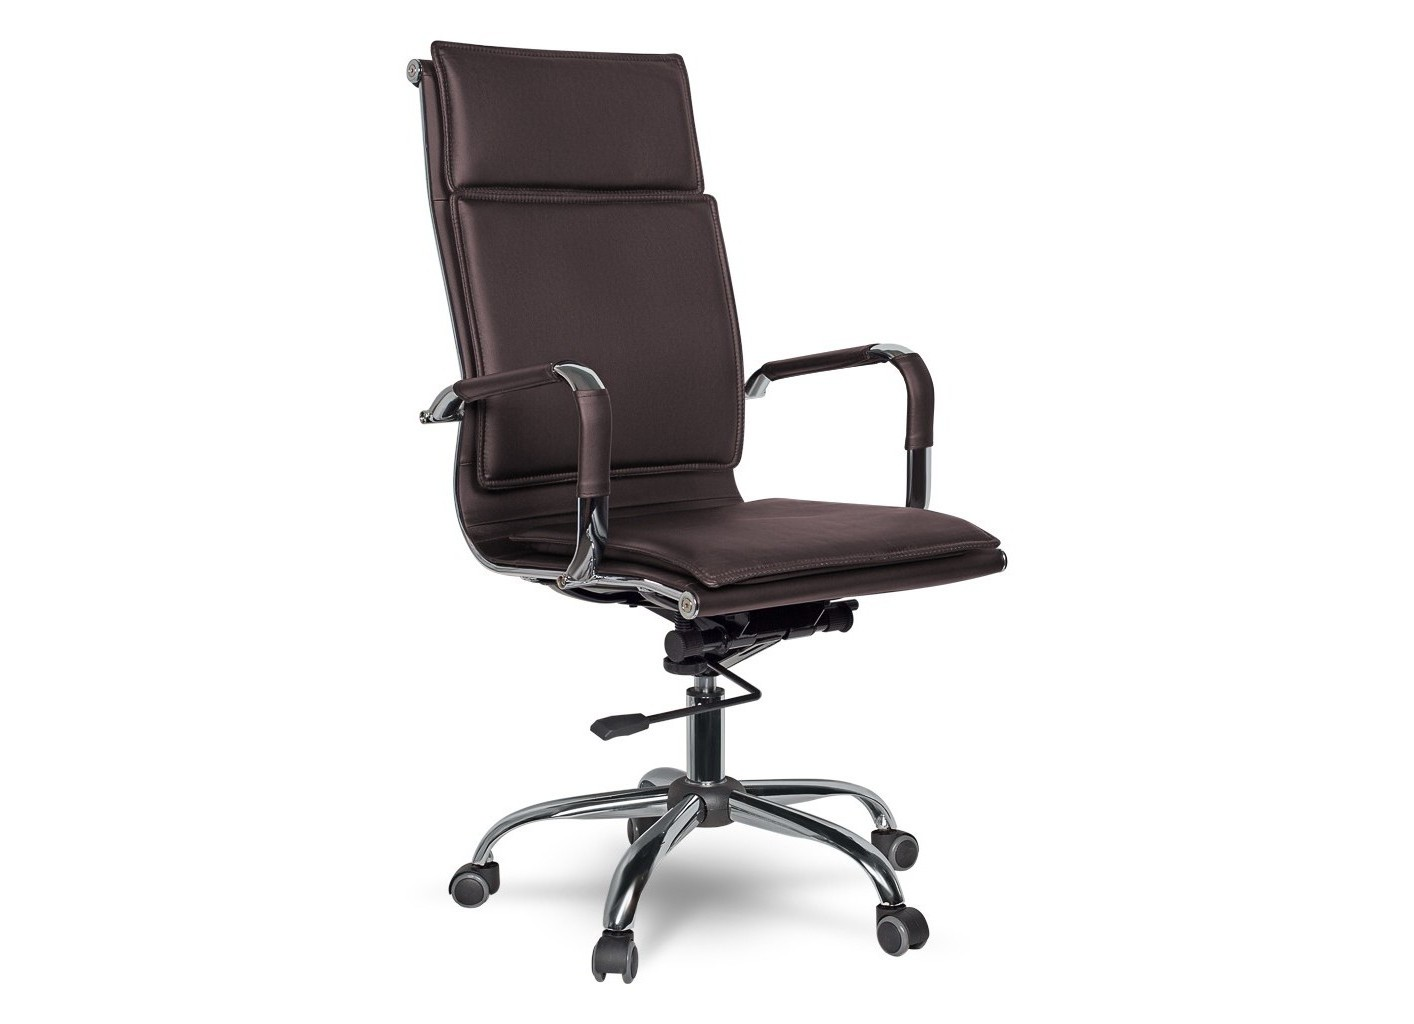 Кресло CollegeРабочие кресла<br>&amp;lt;div&amp;gt;Кресло руководителя бизнес-класса&amp;amp;nbsp;&amp;lt;/div&amp;gt;&amp;lt;div&amp;gt;&amp;lt;br&amp;gt;&amp;lt;/div&amp;gt;&amp;lt;div&amp;gt;Конструкция:&amp;amp;nbsp;&amp;lt;/div&amp;gt;&amp;lt;div&amp;gt;Механизм качания с регулировкой под вес и фиксацией в любом положении&amp;amp;nbsp;&amp;lt;/div&amp;gt;&amp;lt;div&amp;gt;Регулировка высоты (газлифт) &amp;amp;nbsp;&amp;lt;/div&amp;gt;&amp;lt;div&amp;gt;Каркас металлический &amp;amp;nbsp;хромированный&amp;amp;nbsp;&amp;lt;/div&amp;gt;&amp;lt;div&amp;gt;Подлокотники &amp;amp;nbsp;хромированные &amp;amp;nbsp;с кожаными накладками&amp;amp;nbsp;&amp;lt;/div&amp;gt;&amp;lt;div&amp;gt;Материал обивки: кожа PU&amp;lt;/div&amp;gt;&amp;lt;div&amp;gt;&amp;lt;br&amp;gt;&amp;lt;/div&amp;gt;&amp;lt;div&amp;gt;Ограничение по весу: 120 кг&amp;lt;/div&amp;gt;<br><br>Material: Кожа<br>Width см: 55<br>Depth см: 60<br>Height см: 114